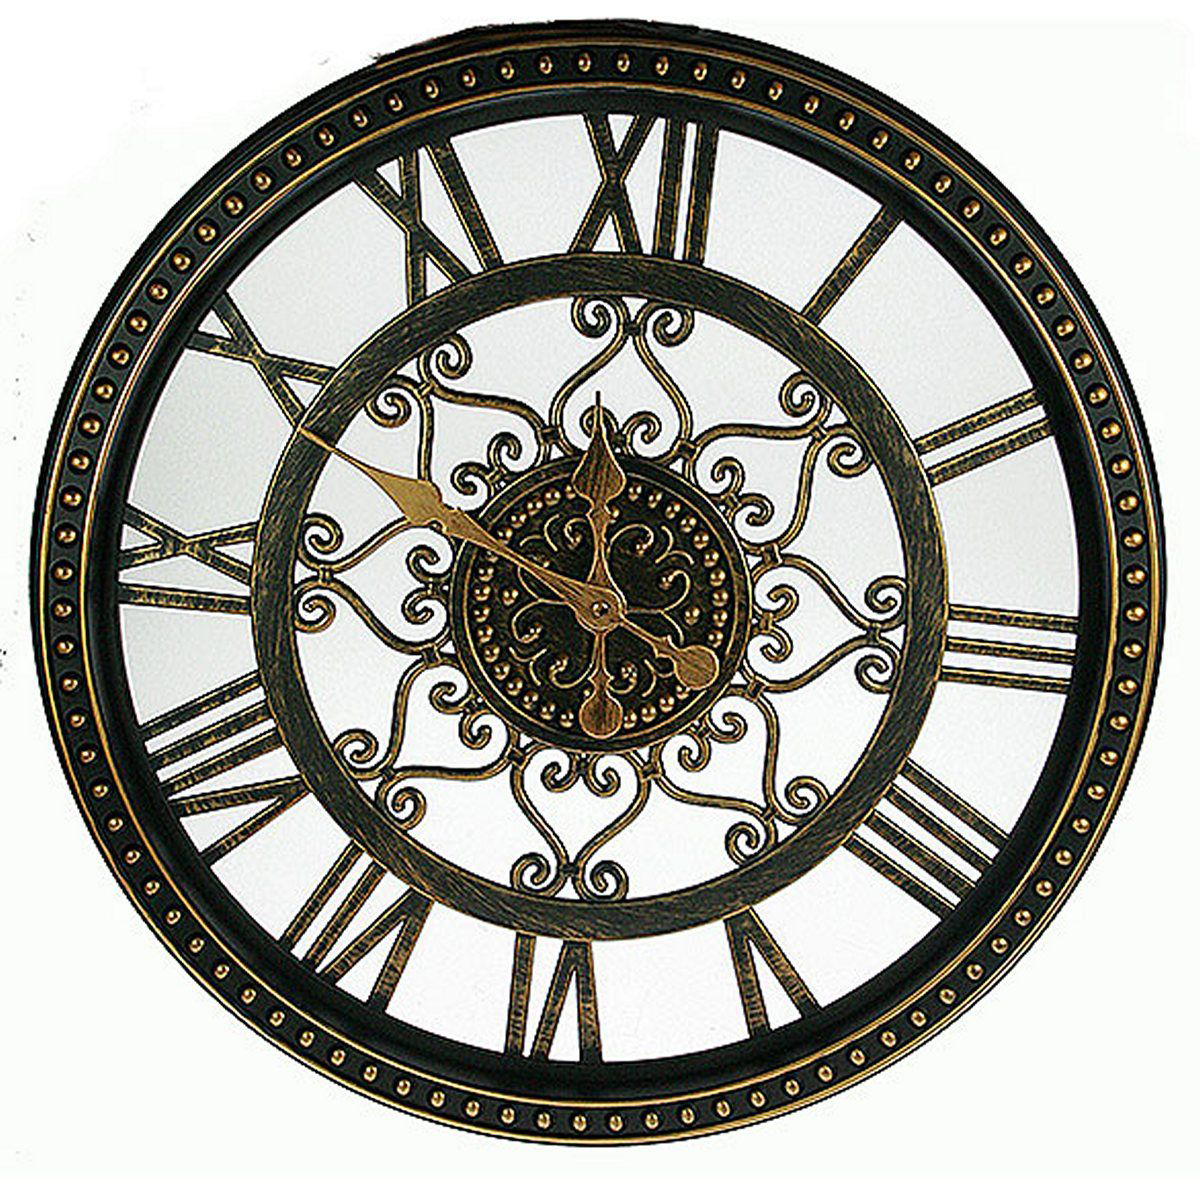 Часы настенные Русские Подарки Ретро, диаметр 51 см. 22243154 009318Настенные кварцевые часы Русские Подарки Ретро изготовлены из пластика. Корпус оригинально оформлен. Часы имеют две стрелки - часовую и минутную. С обратной стороны имеетсяпетелька для подвешивания на стену. Такие часы красиво и необычно оформят интерьер дома или офиса. Также часы могут стать уникальным, полезным подарком для родственников,коллег, знакомых и близких.Часы работают от батареек типа АА (в комплект не входят).